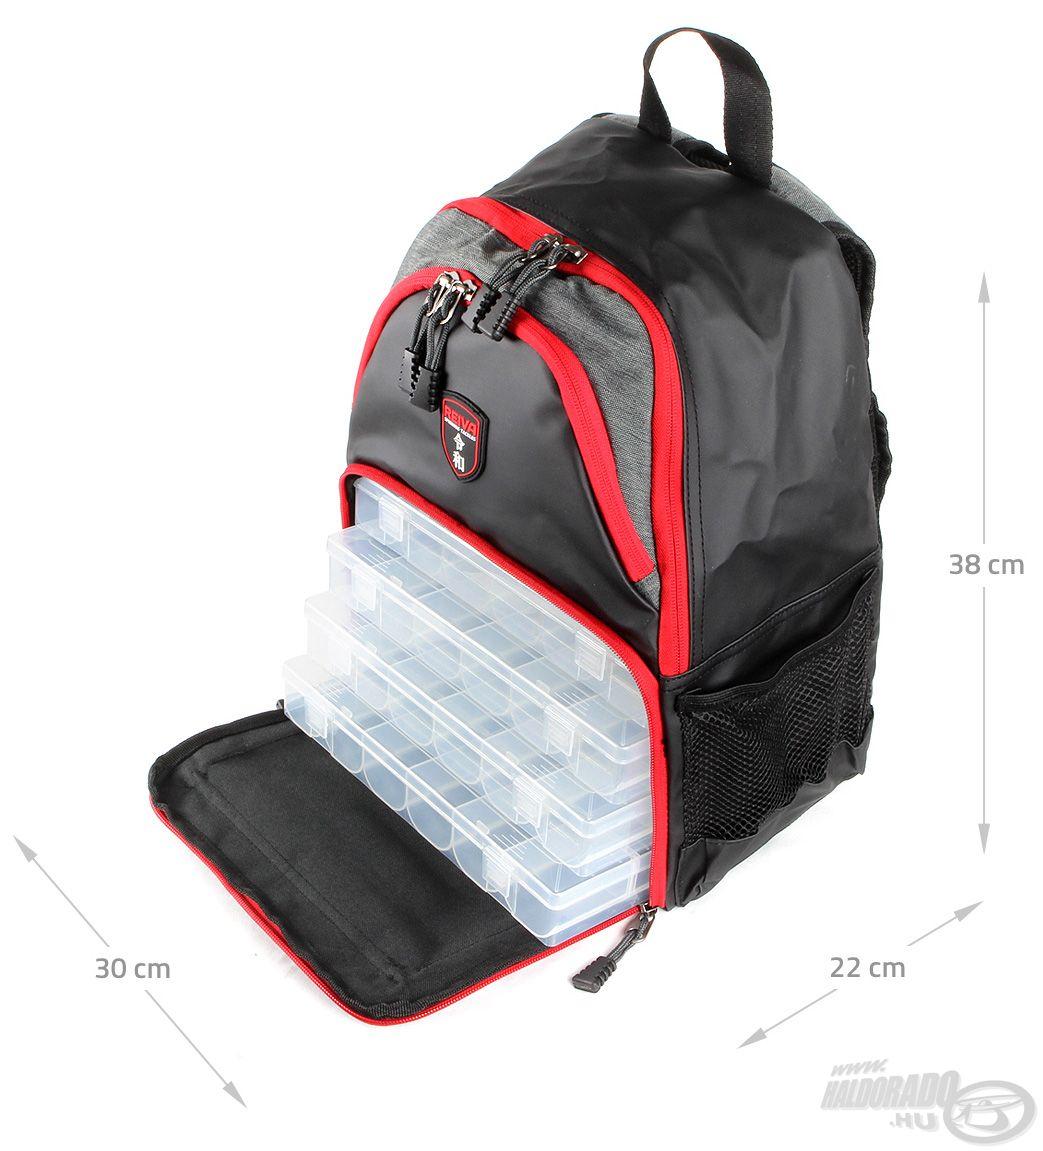 Ehhez a táskához 4 db átlátszó, méretben pont a táskába illő műanyag doboz is jár